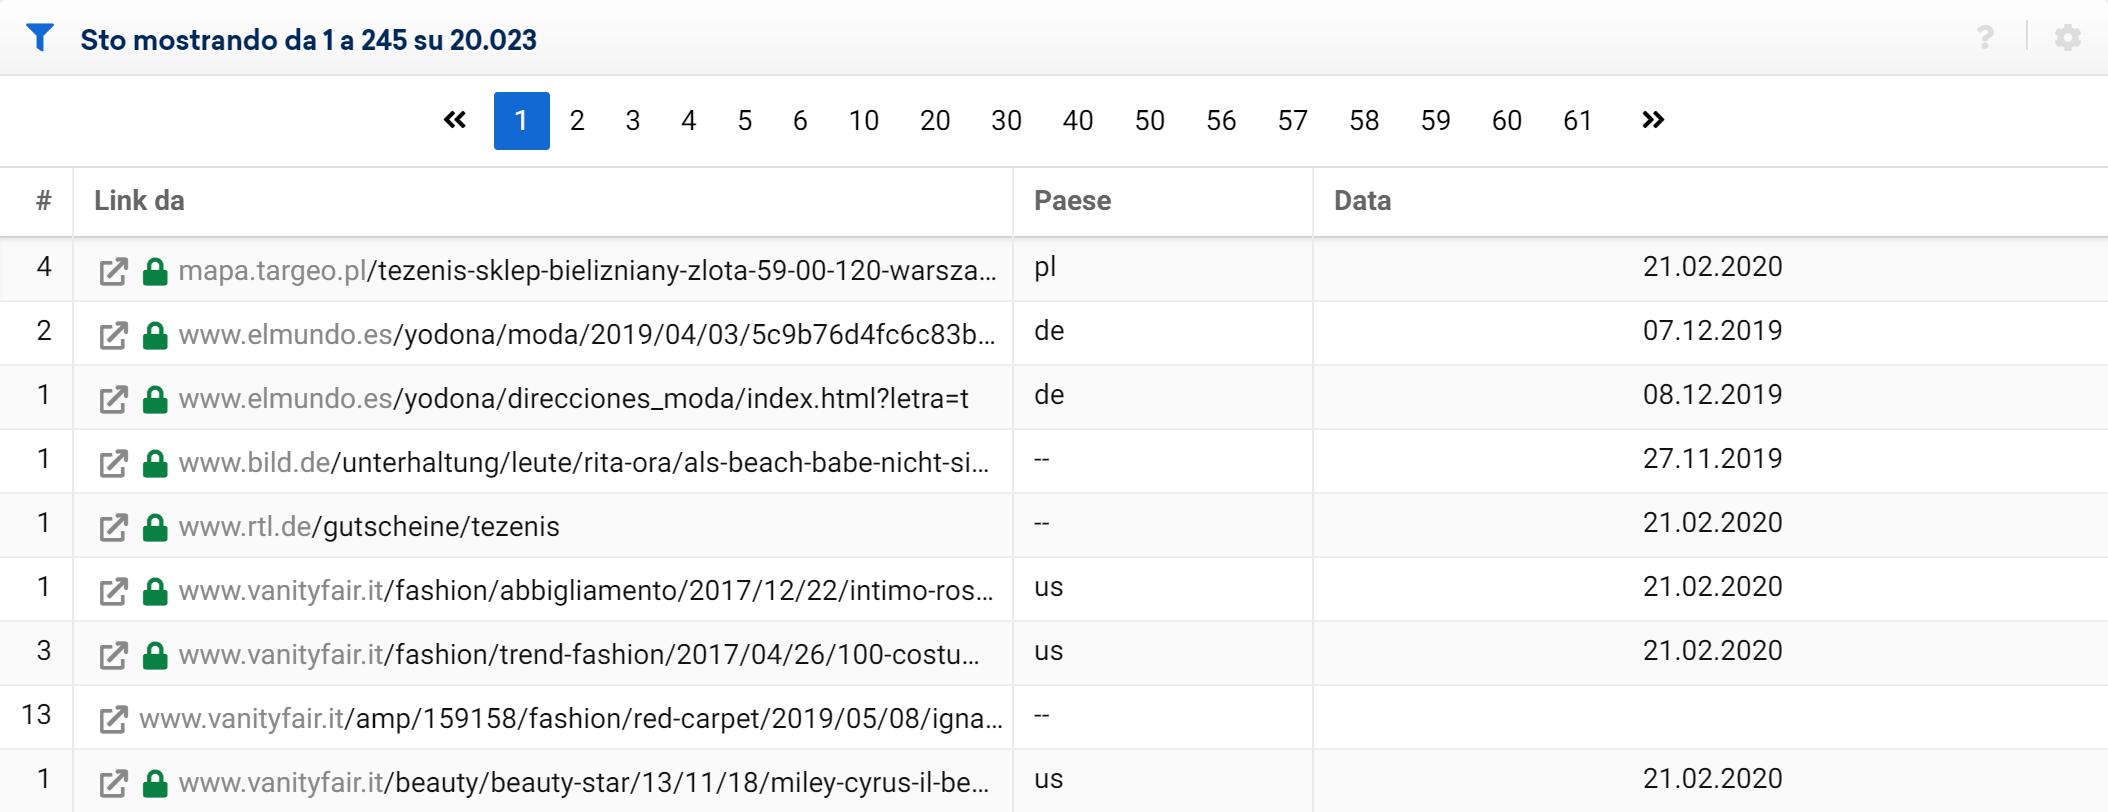 Data nella tabella dei link nel Toolbox SISTRIX